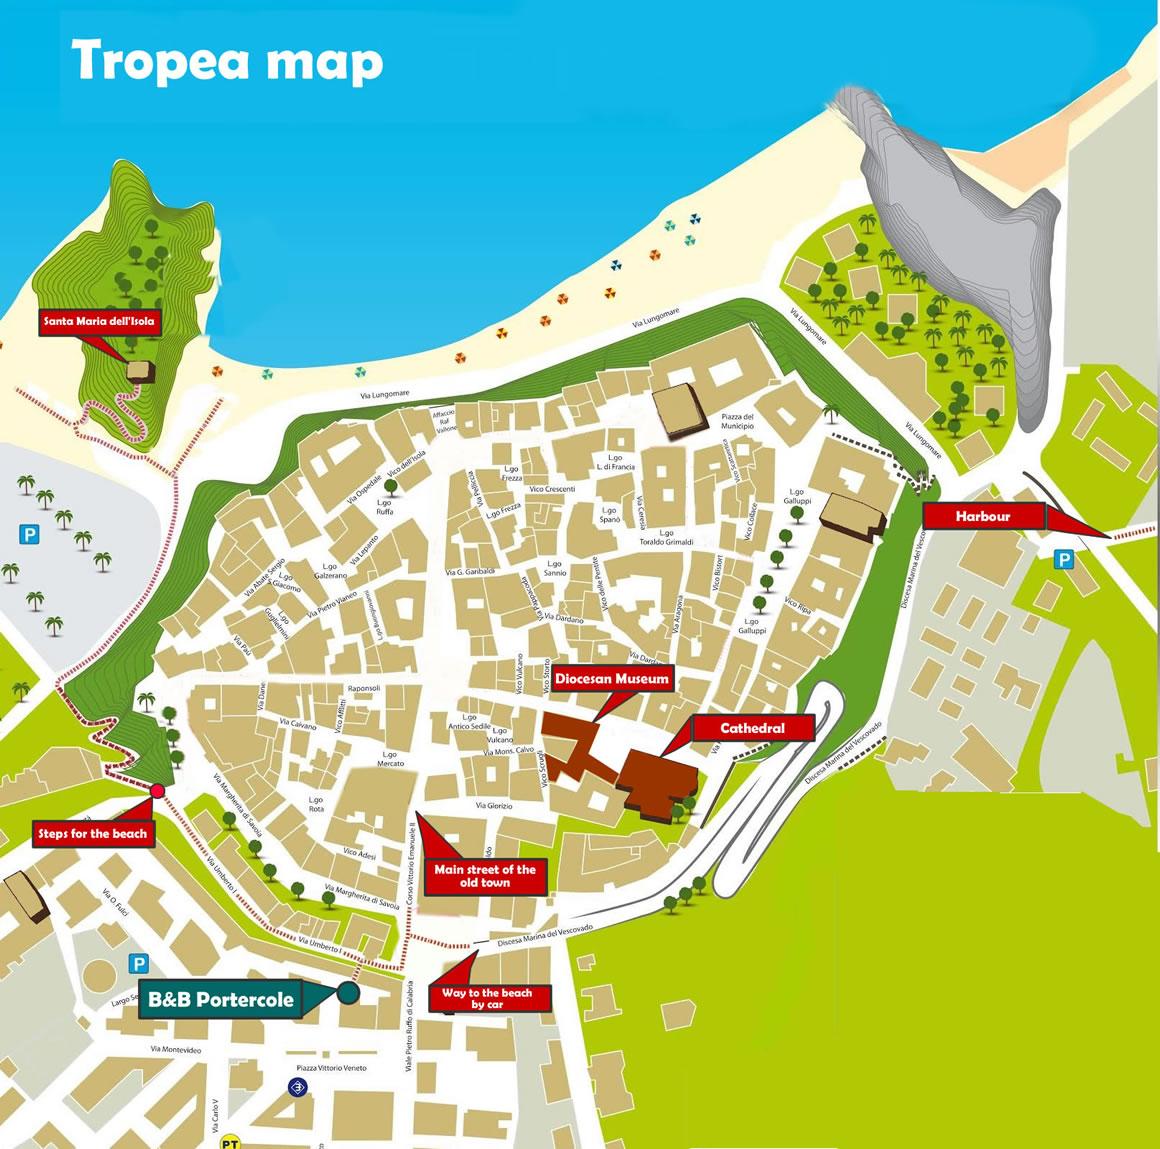 Location Portercole Tropea